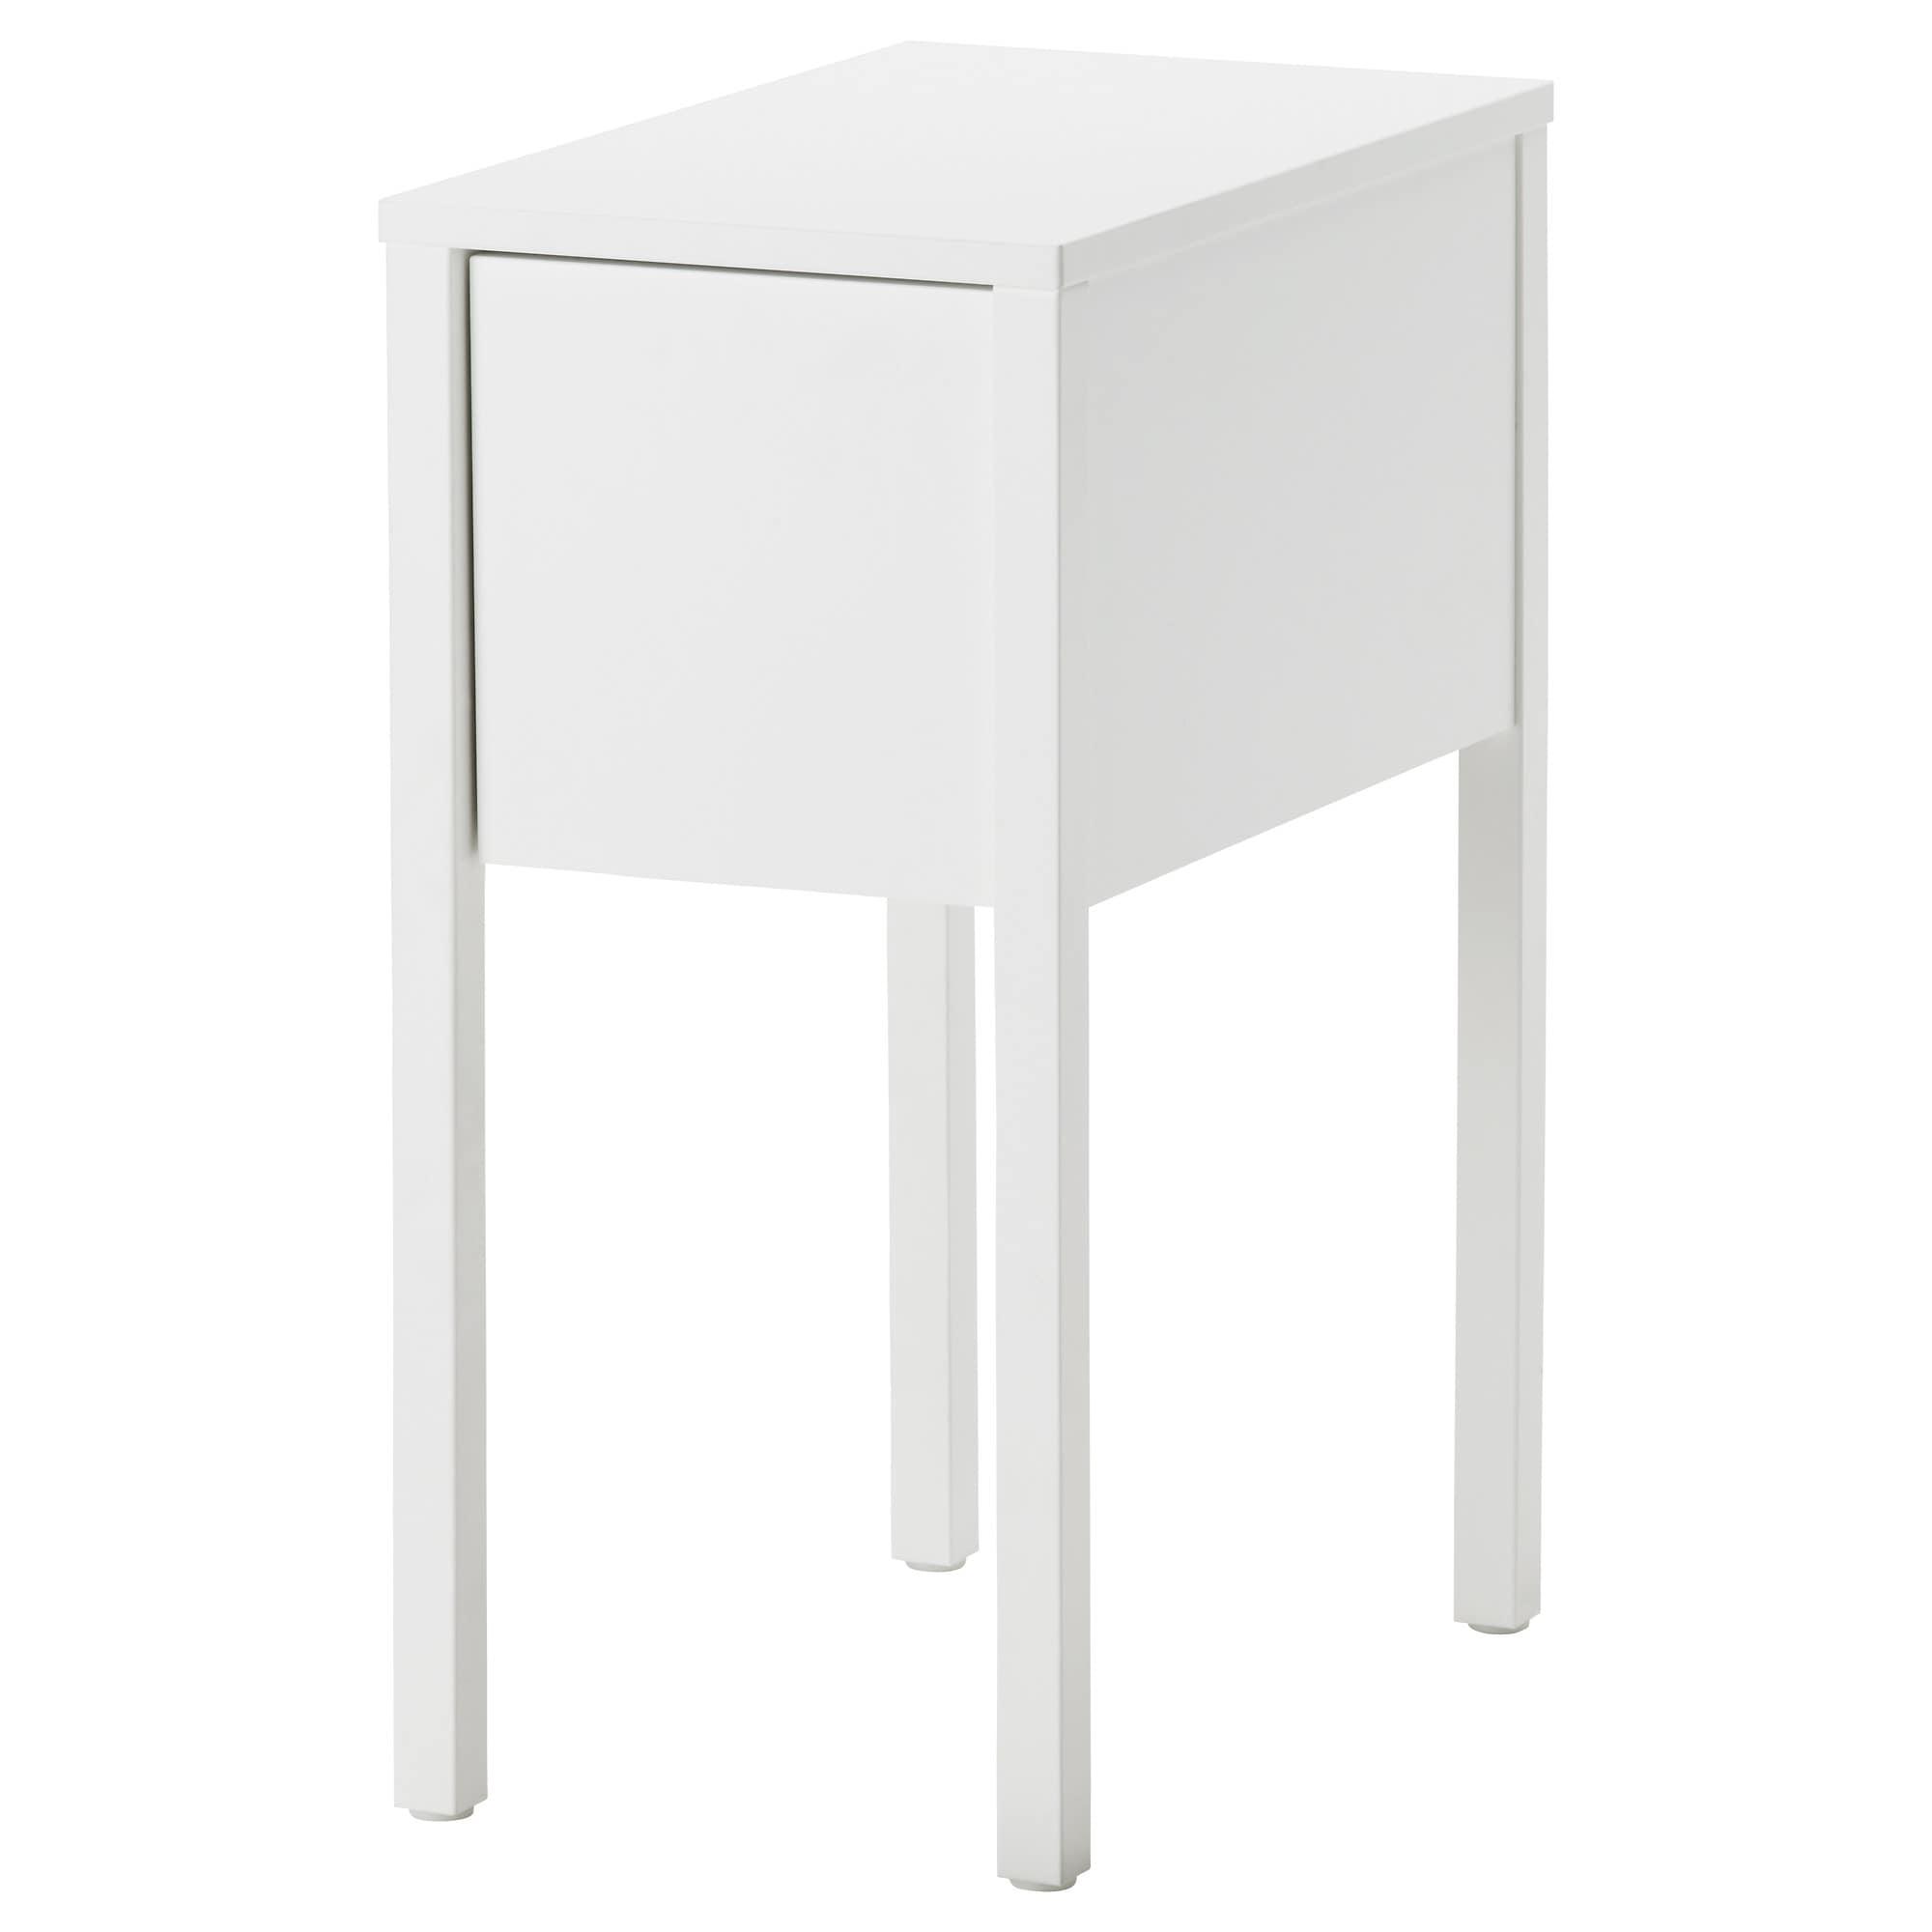 Ikea Nordli White Nightstand Ikea Nordli Ikea Ikea Nightstand